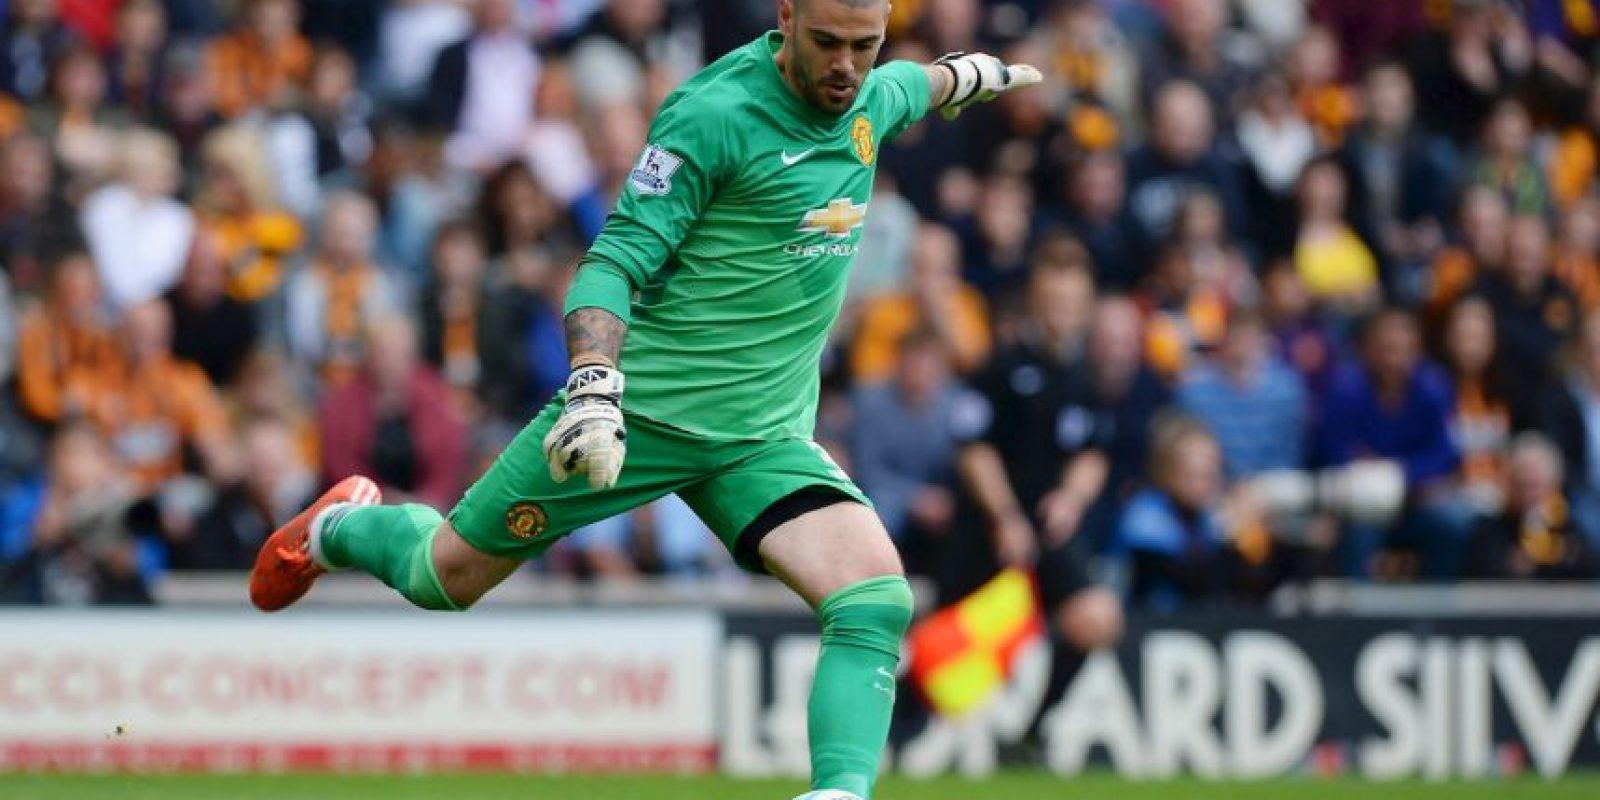 Luego de un paso para el olvido en Manchester United, el portero español encontró nuevo club Foto:Getty Images